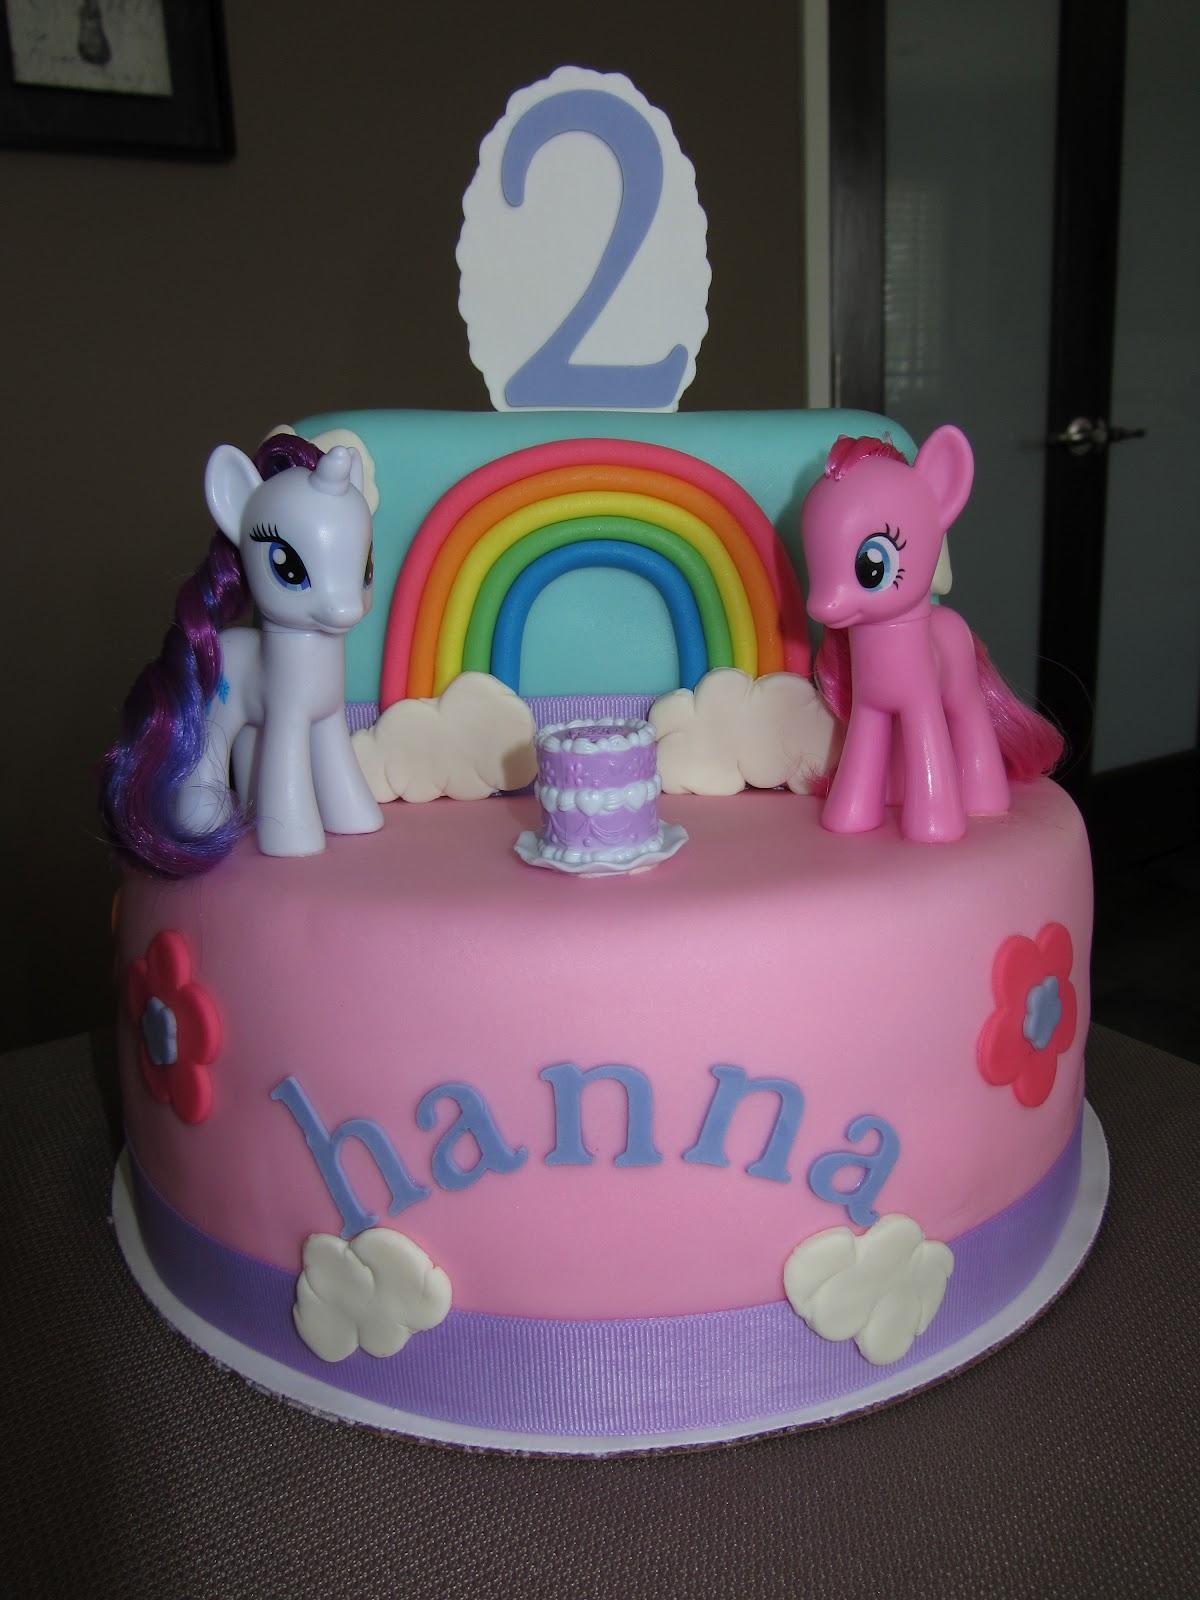 Tremendous 11 My Little Pony Cake Birthday Cakes Photo My Little Pony Funny Birthday Cards Online Alyptdamsfinfo